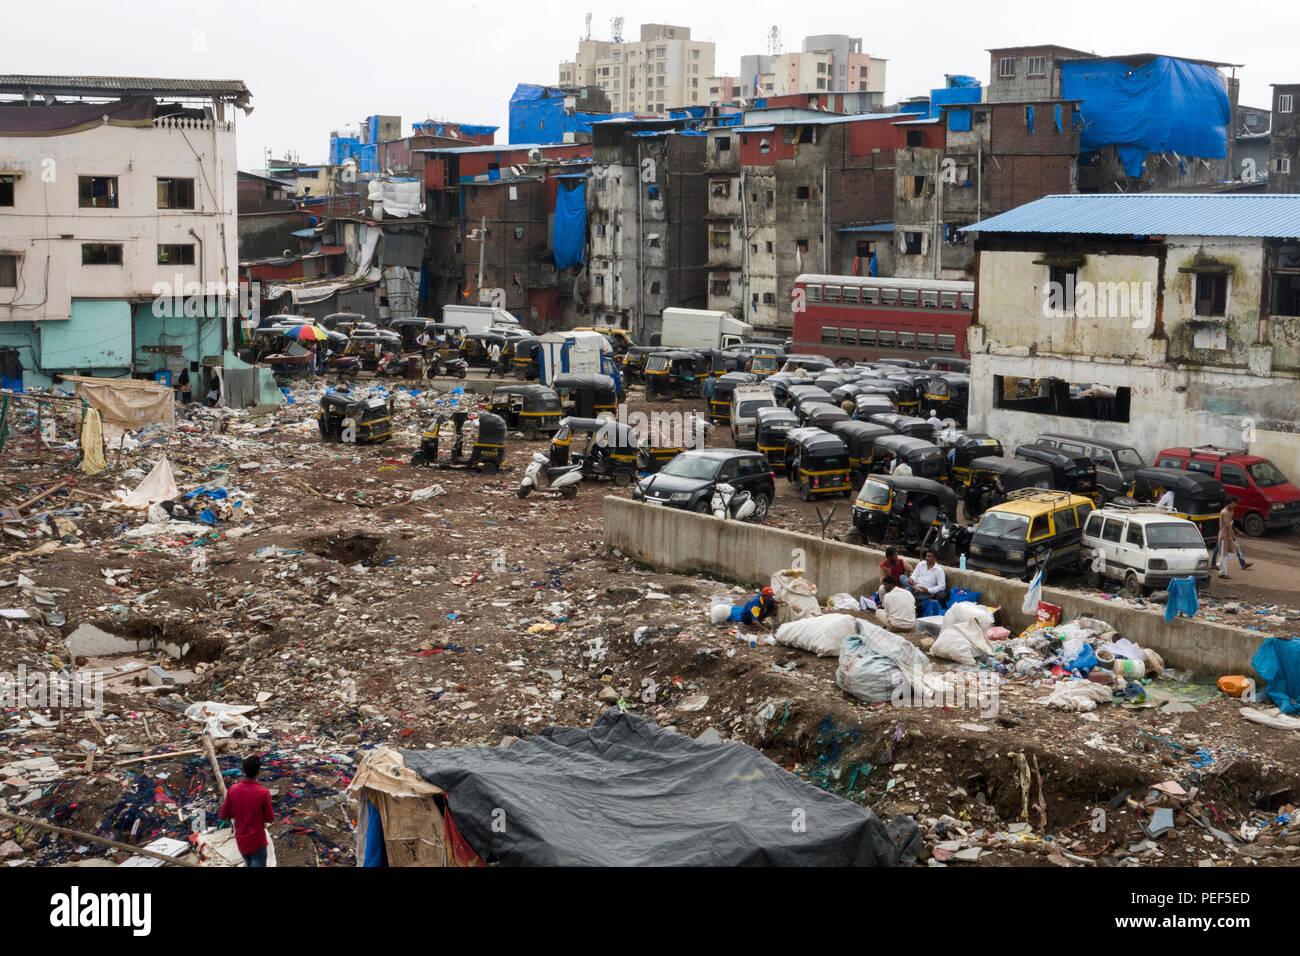 Slum area covered in trash with tuk tuk auto rickshaws waiting for passengers outside of Bandra railway station skywalk in Mumbai, India - Stock Image